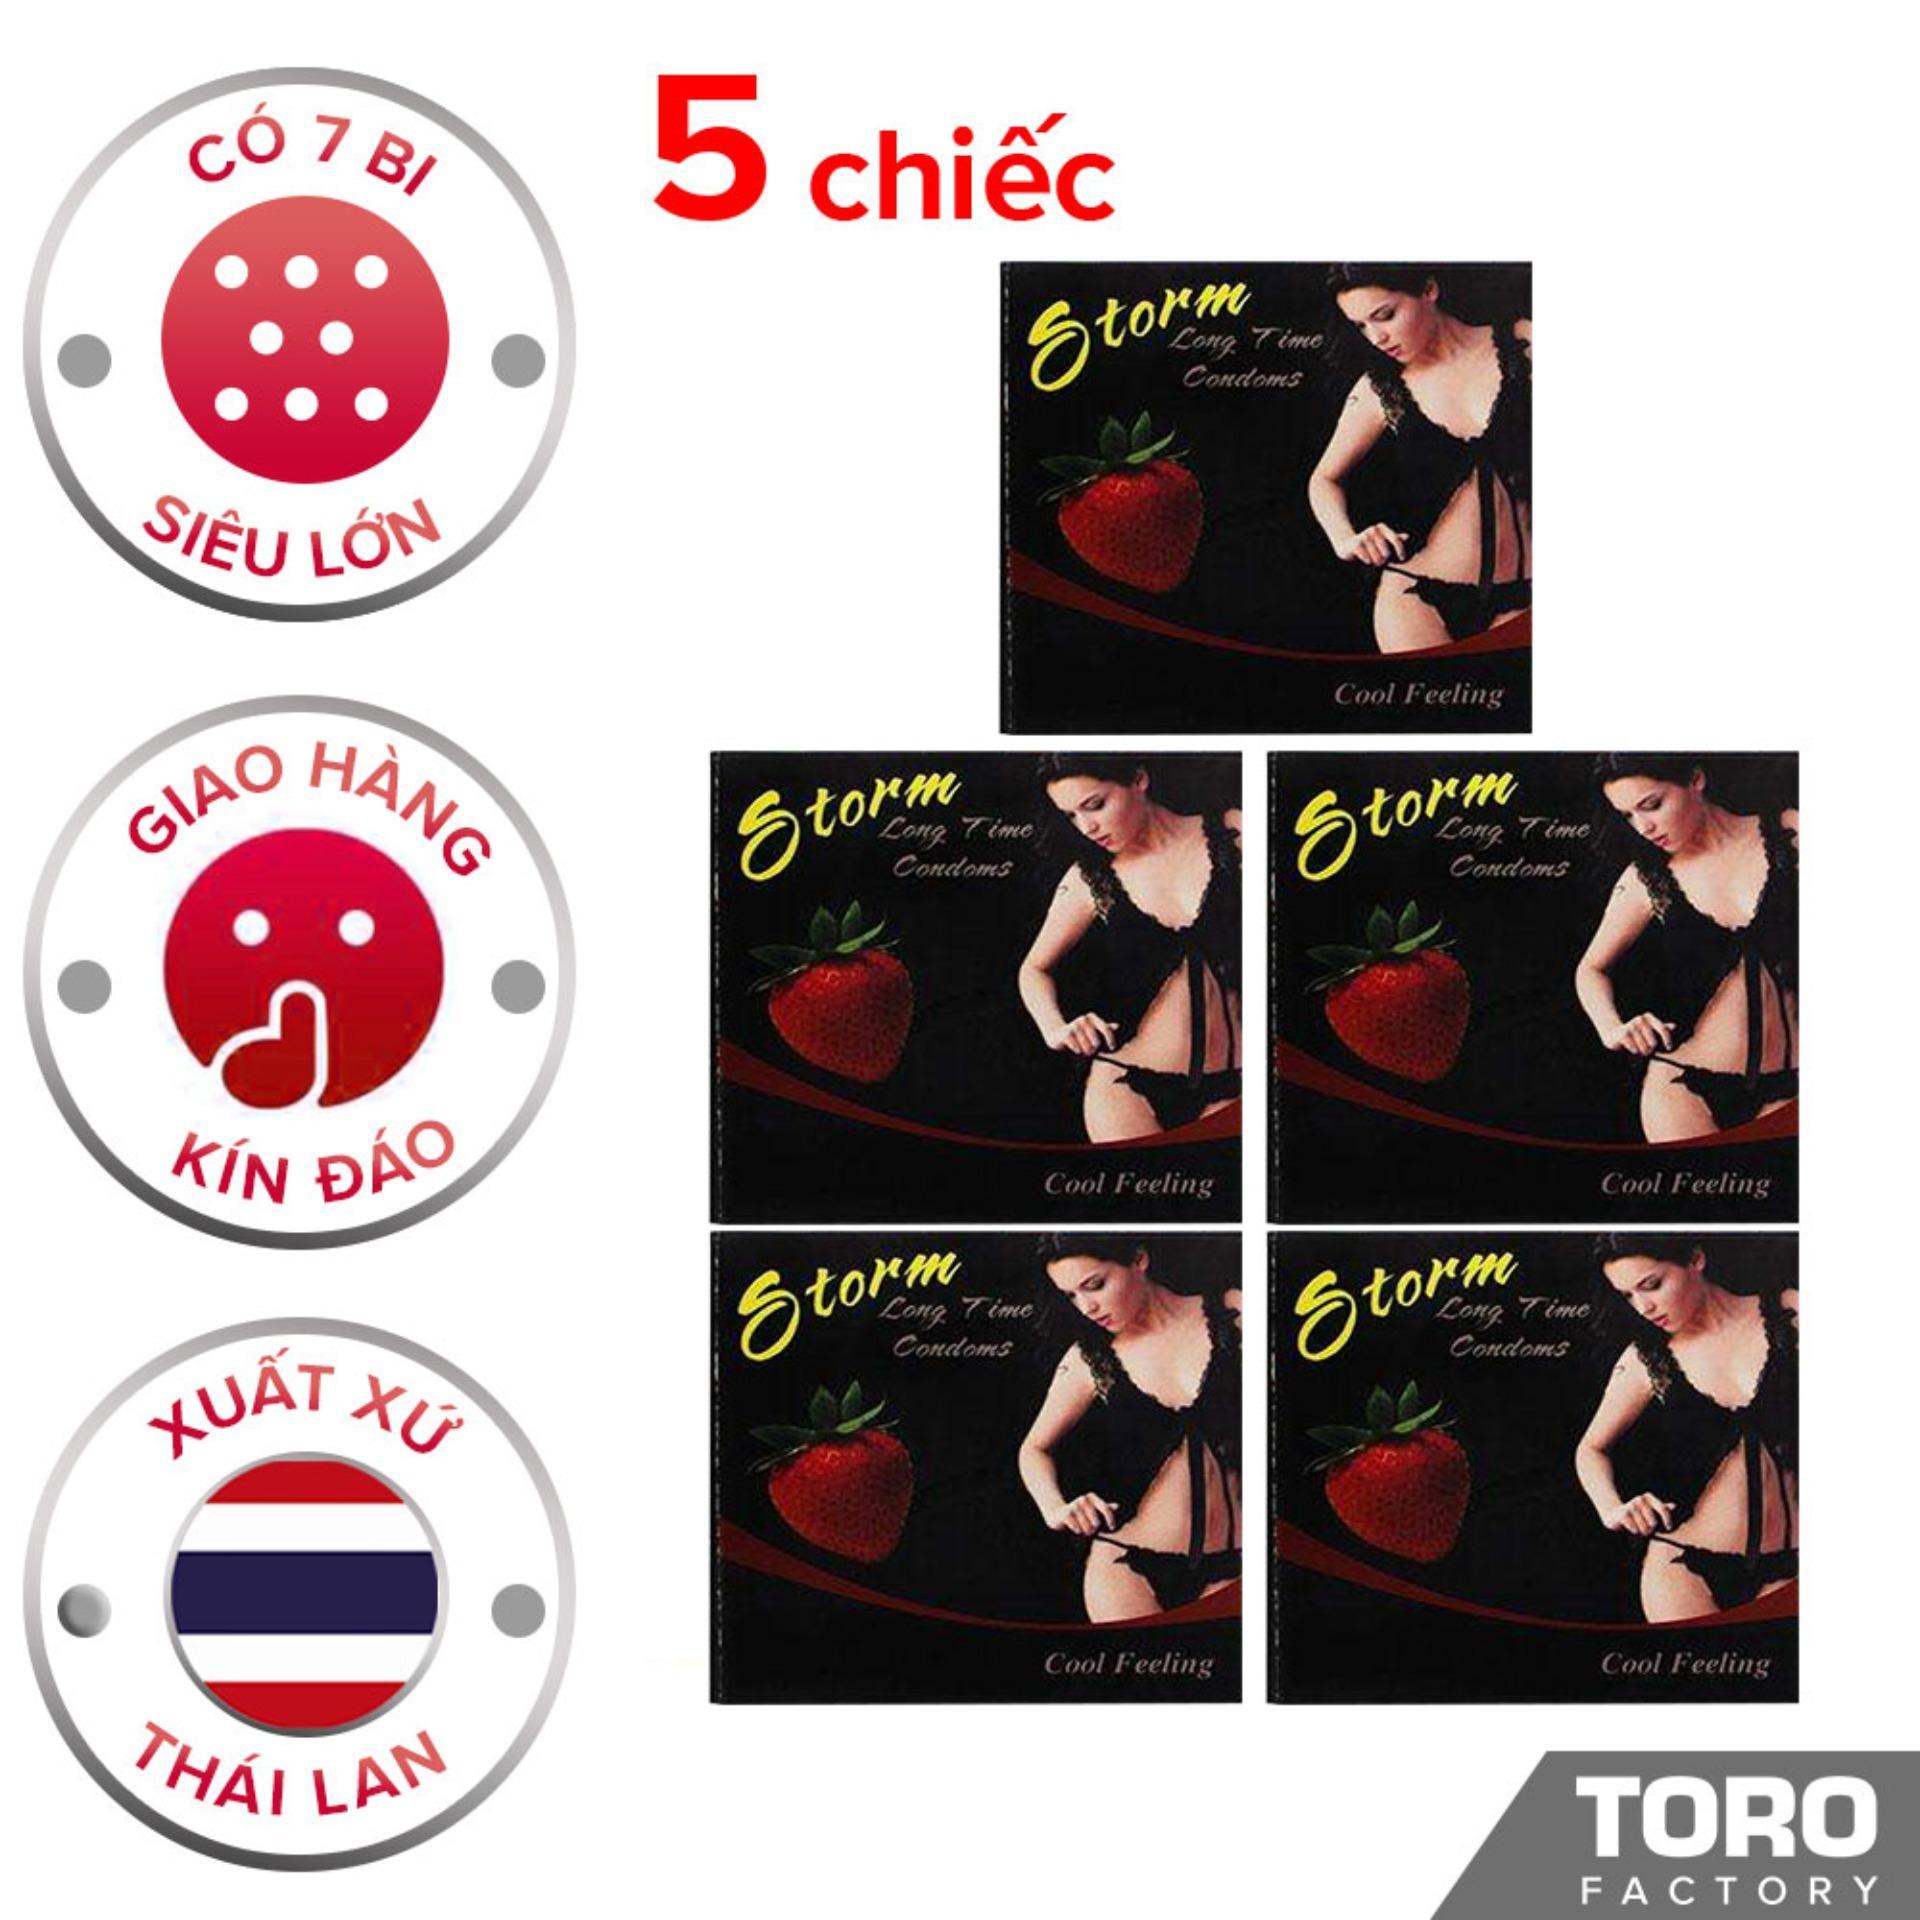 [5 chiếc] Bộ 5 Bao cao su Storm Thái Lan ( 7 bi) thiết kế phần đầu  - Toro nhập khẩu